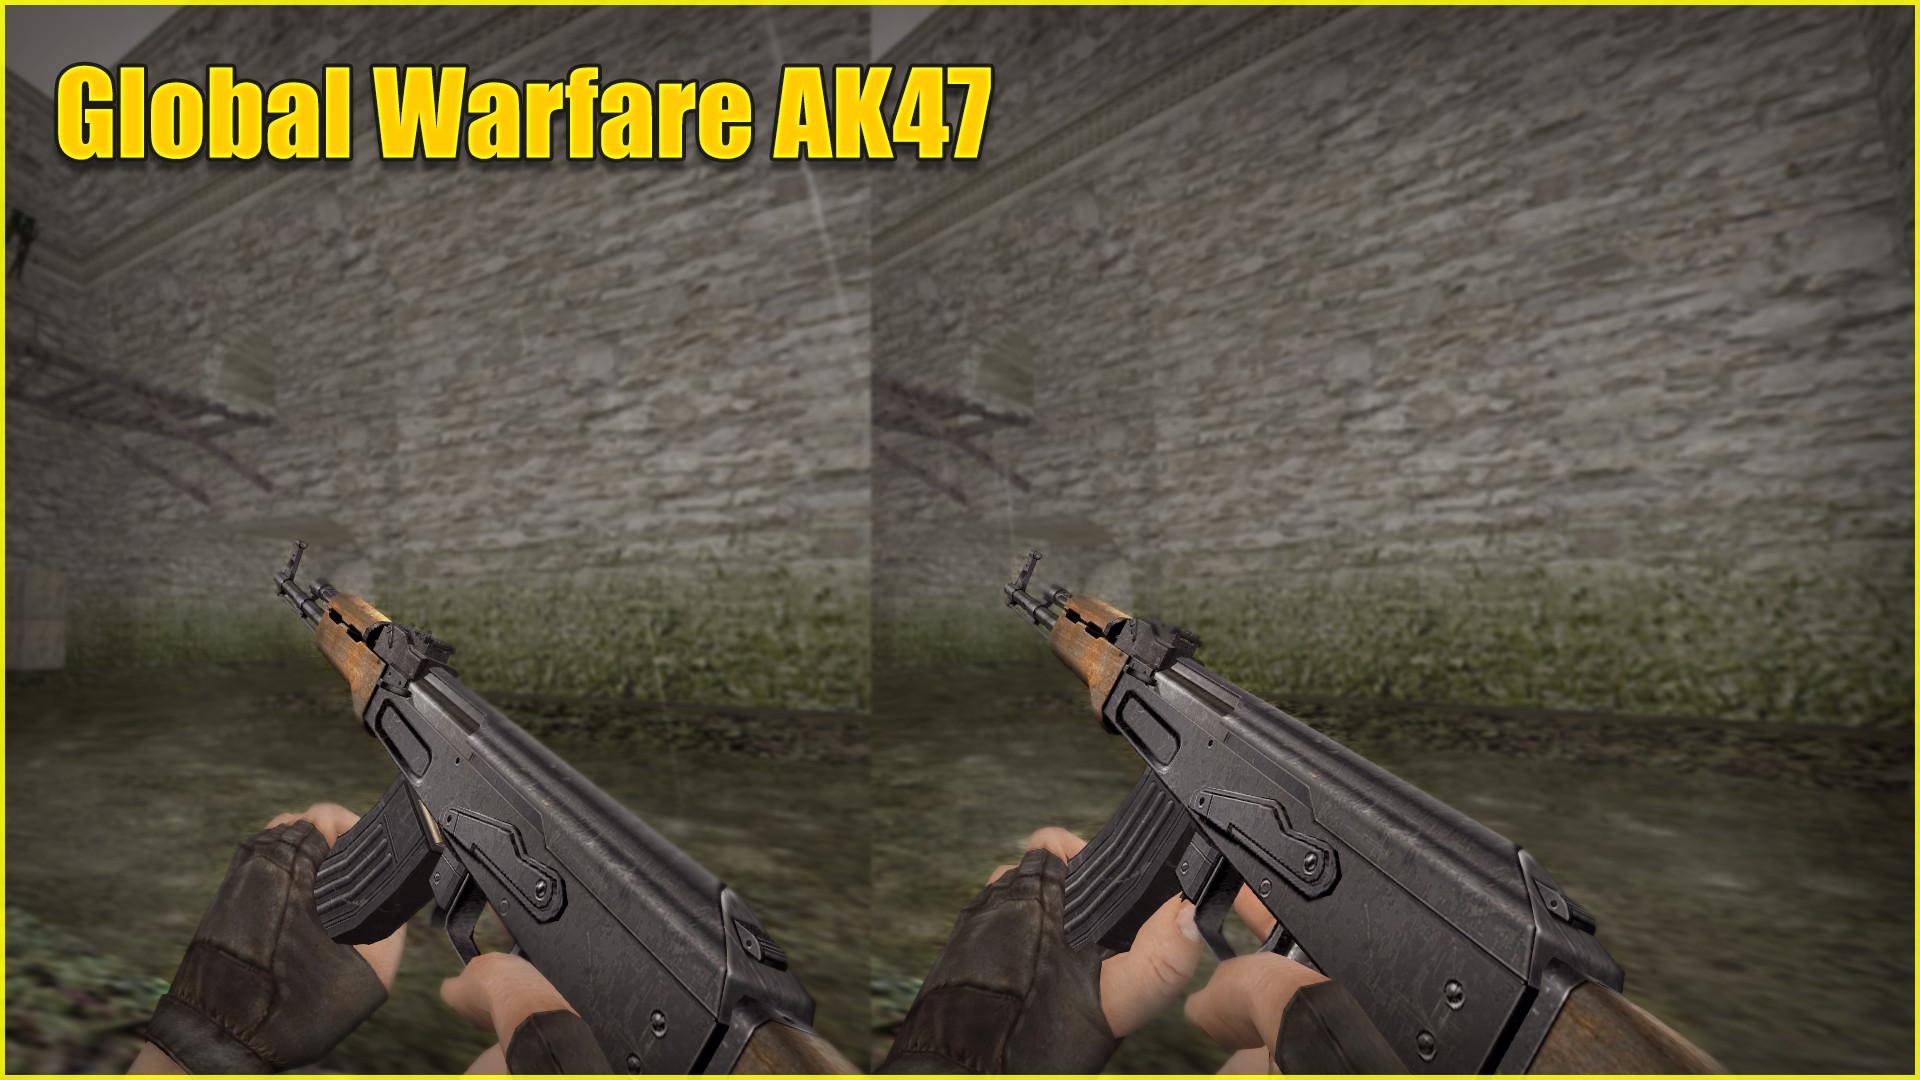 دانلود اسکین حرفه ای Ak47 | Golbal WarFar سی اس 1.6